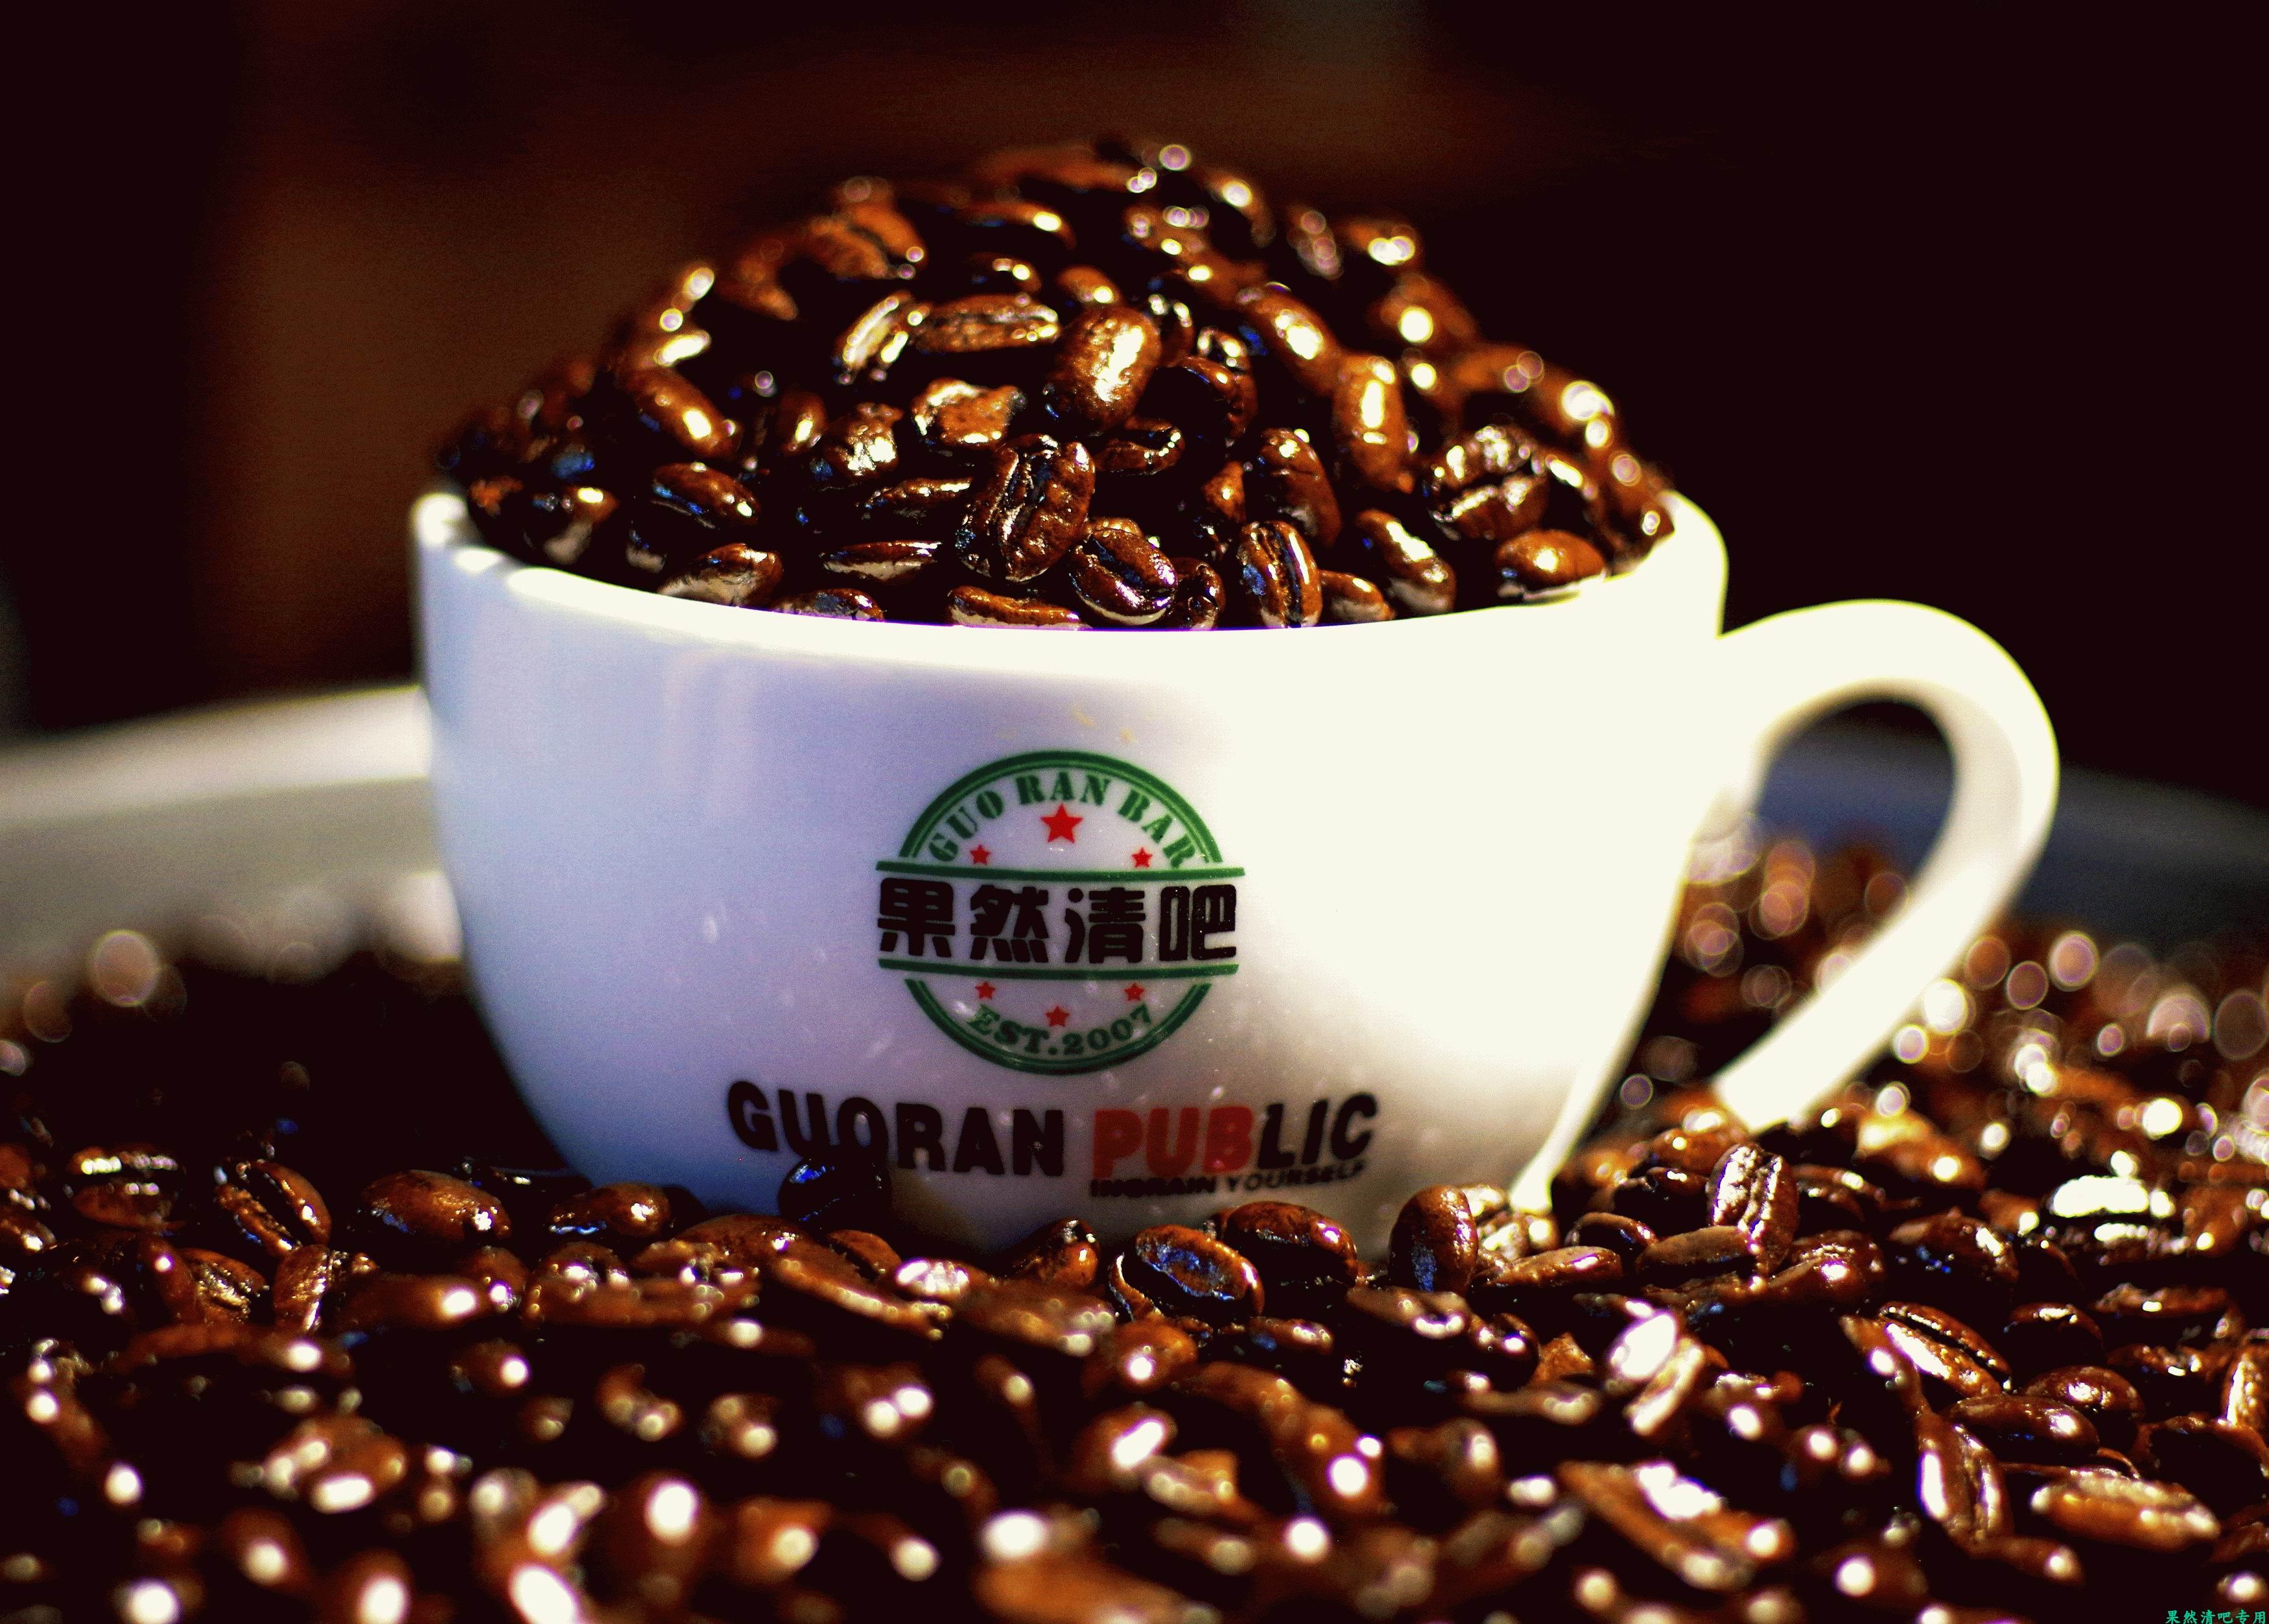 咖啡豆烘焙温度和时间 咖啡烘焙140度入豆吗 咖啡豆烘焙程度参照...